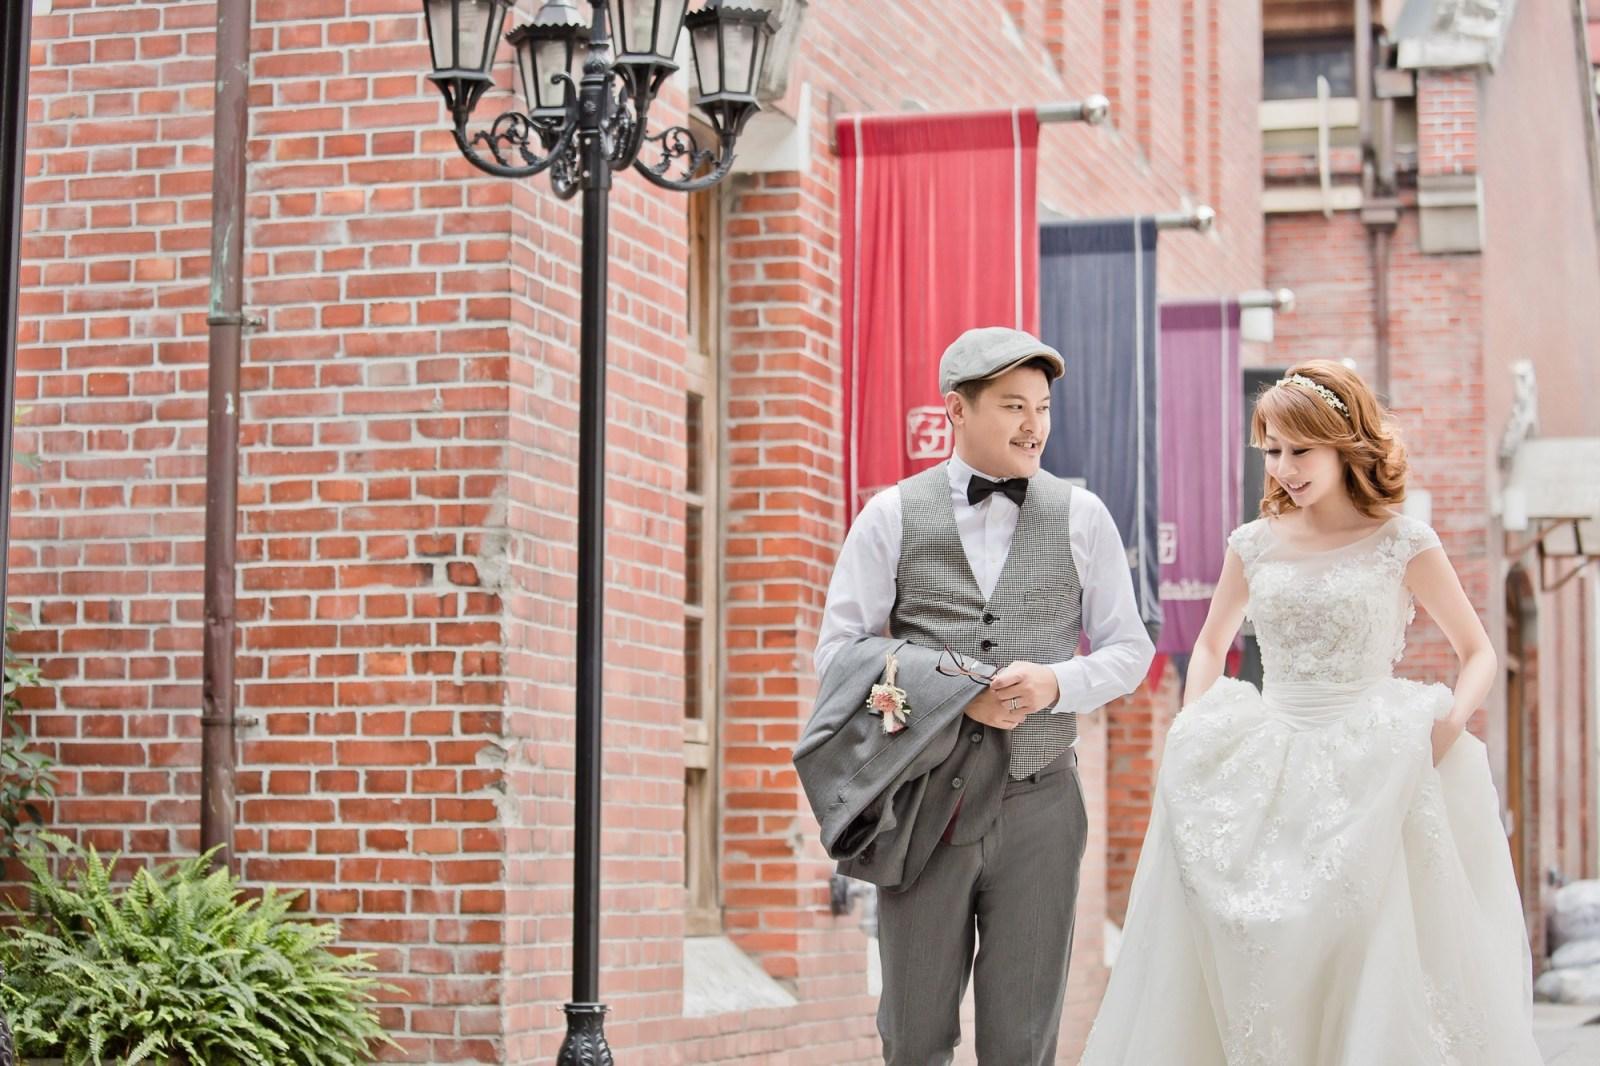 海外婚紗,手工婚紗ptt,白紗禮服出租,白紗洋裝,婚紗價格,單租婚紗